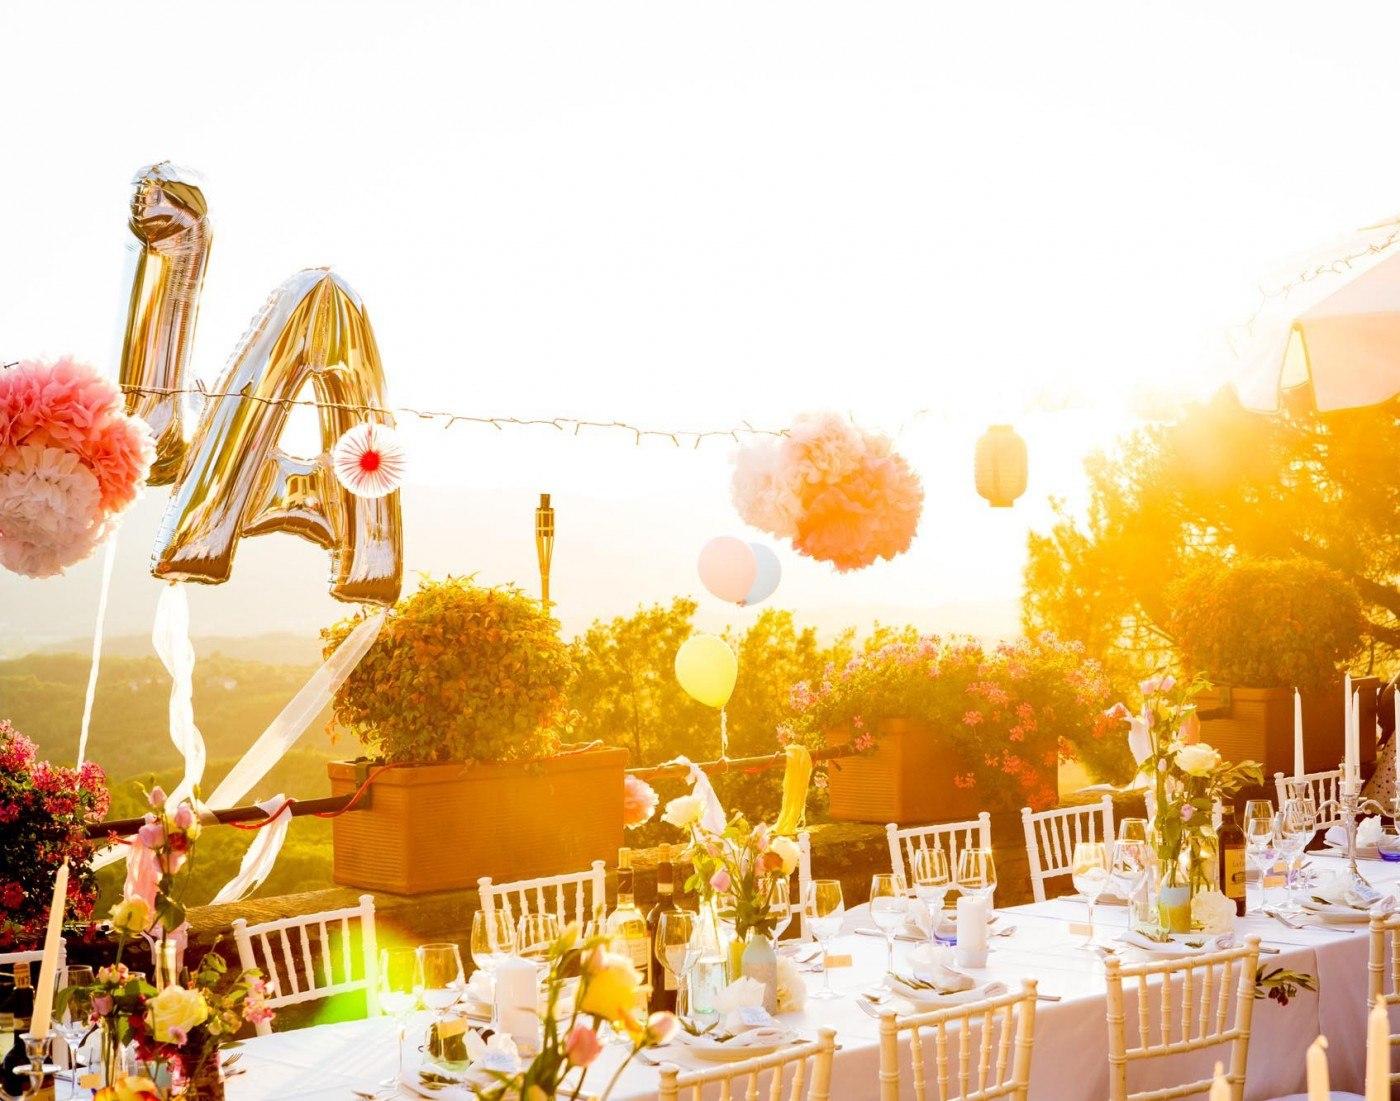 1-Denise-Florian-3969 Hochzeitsfeier fasheria.com